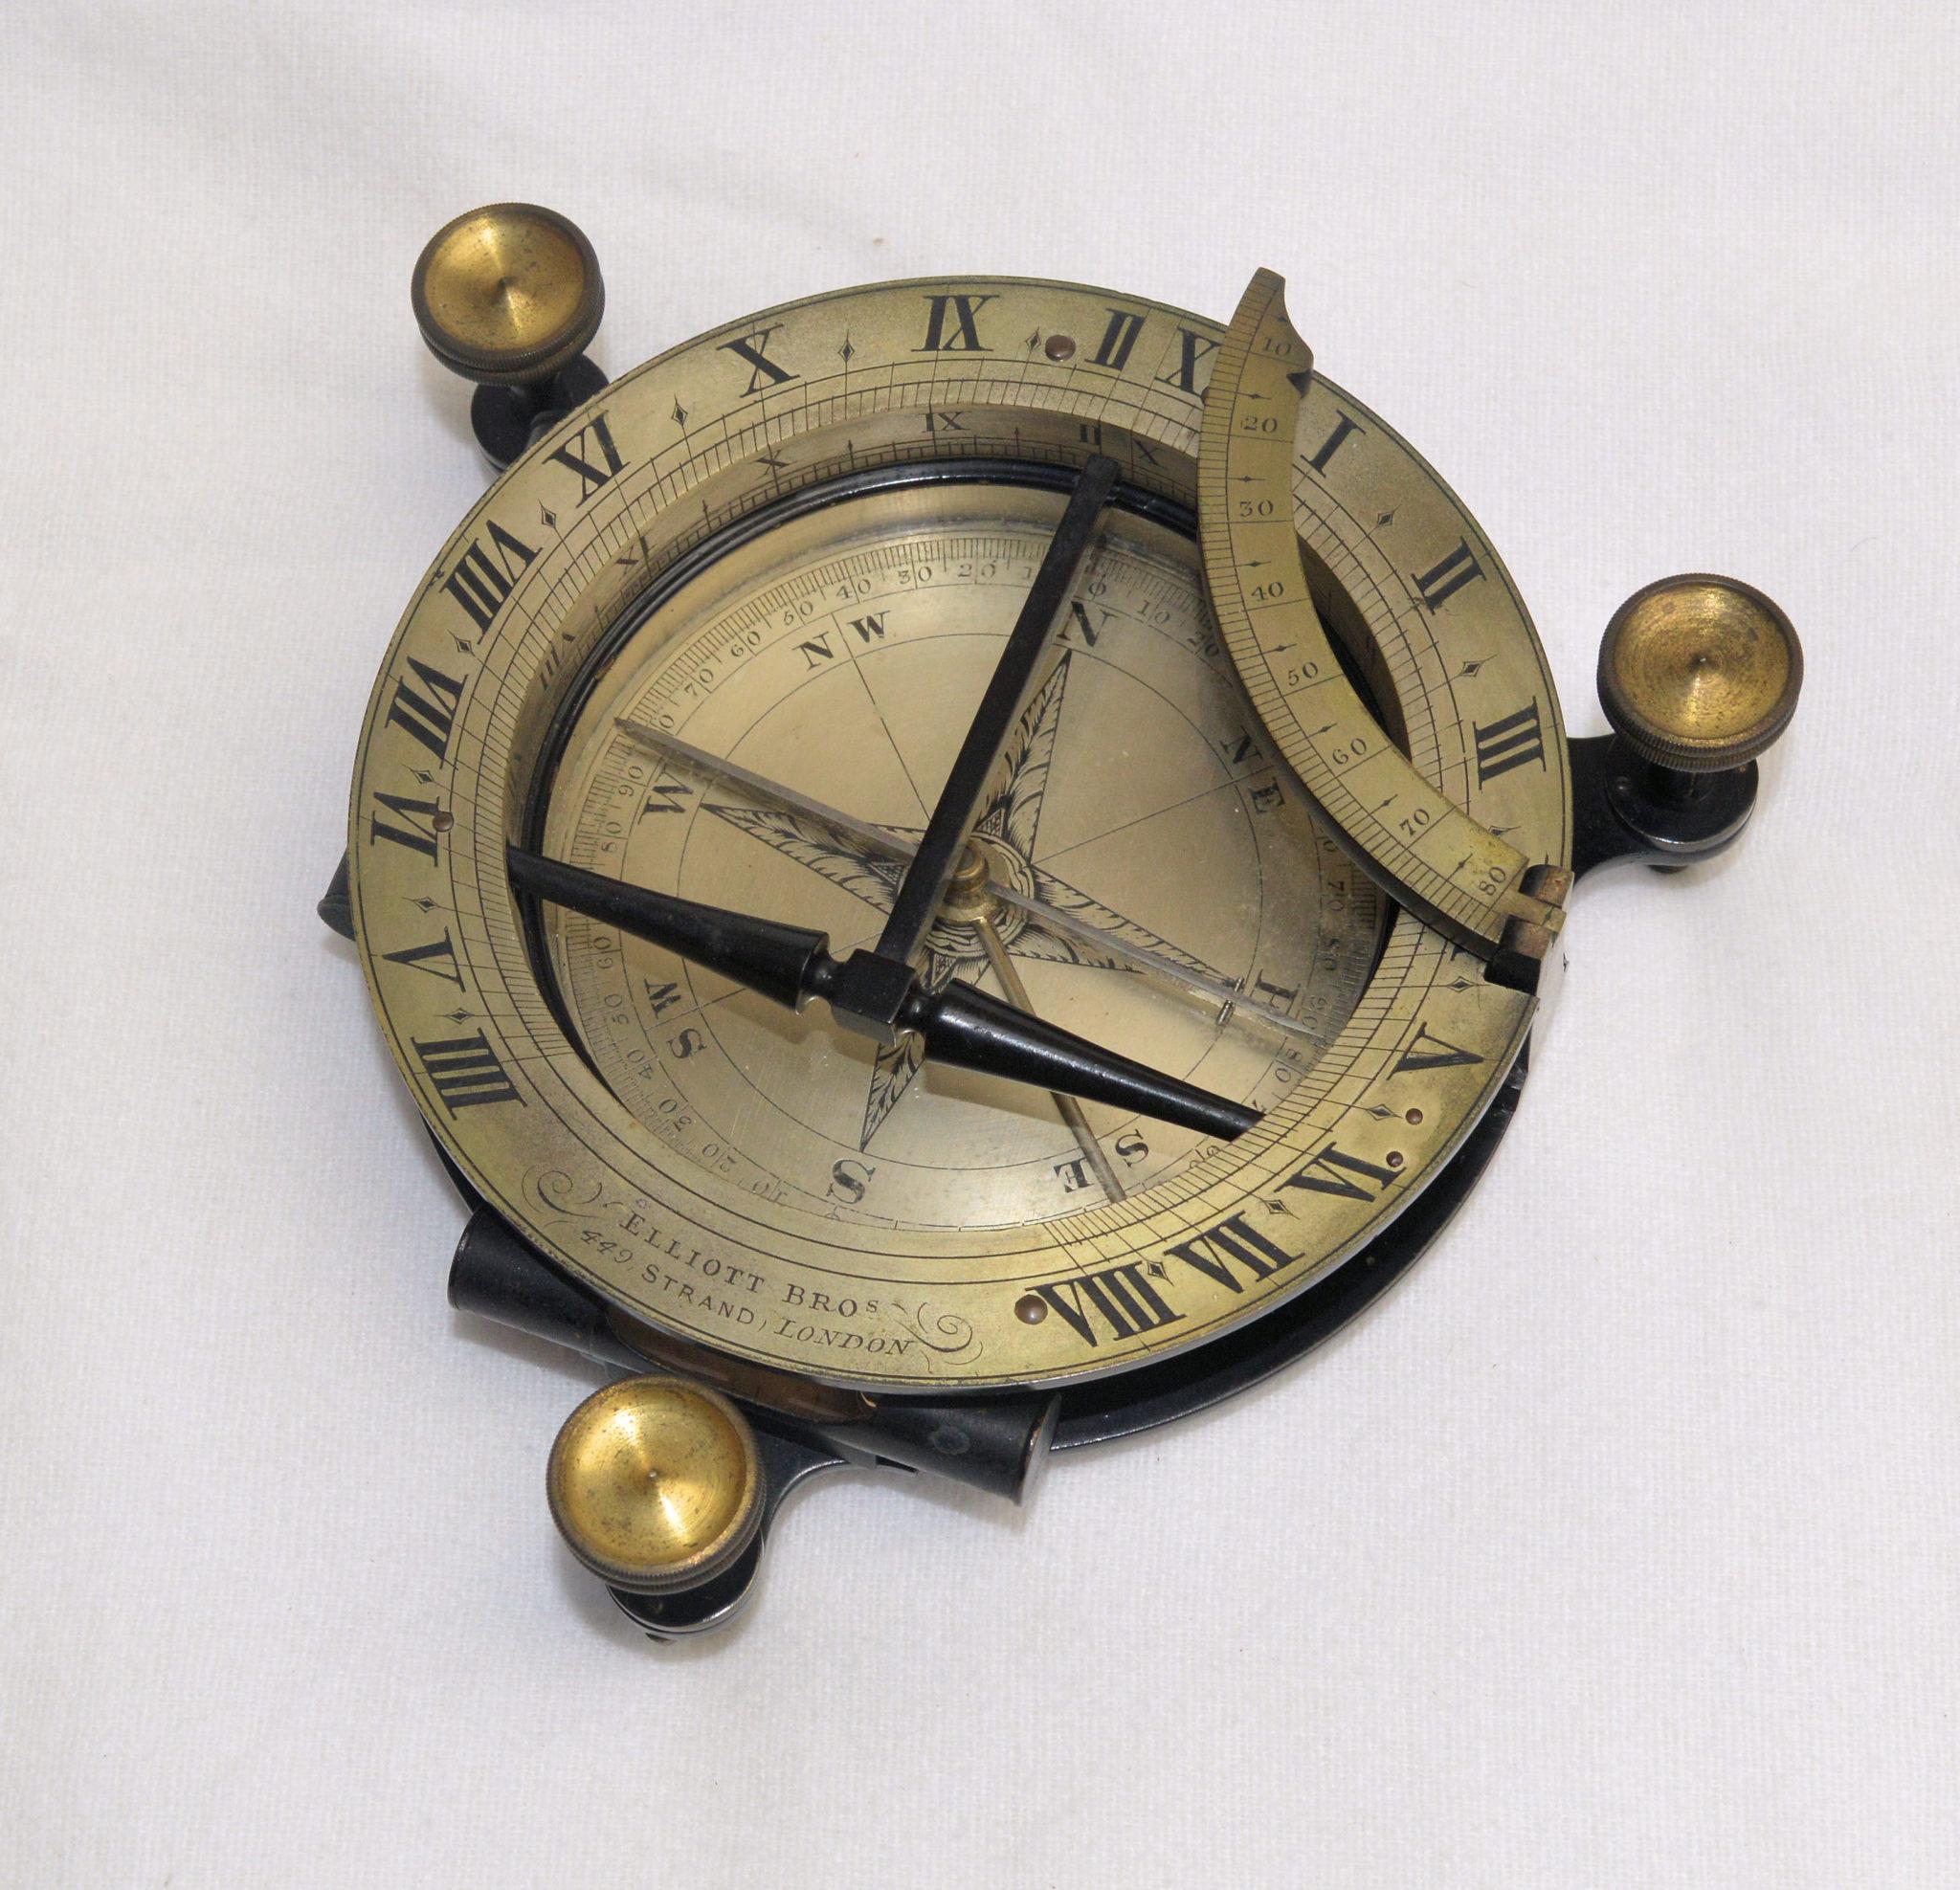 Equinoctial universal compass sundial in case – Elliott Bros., Strand.